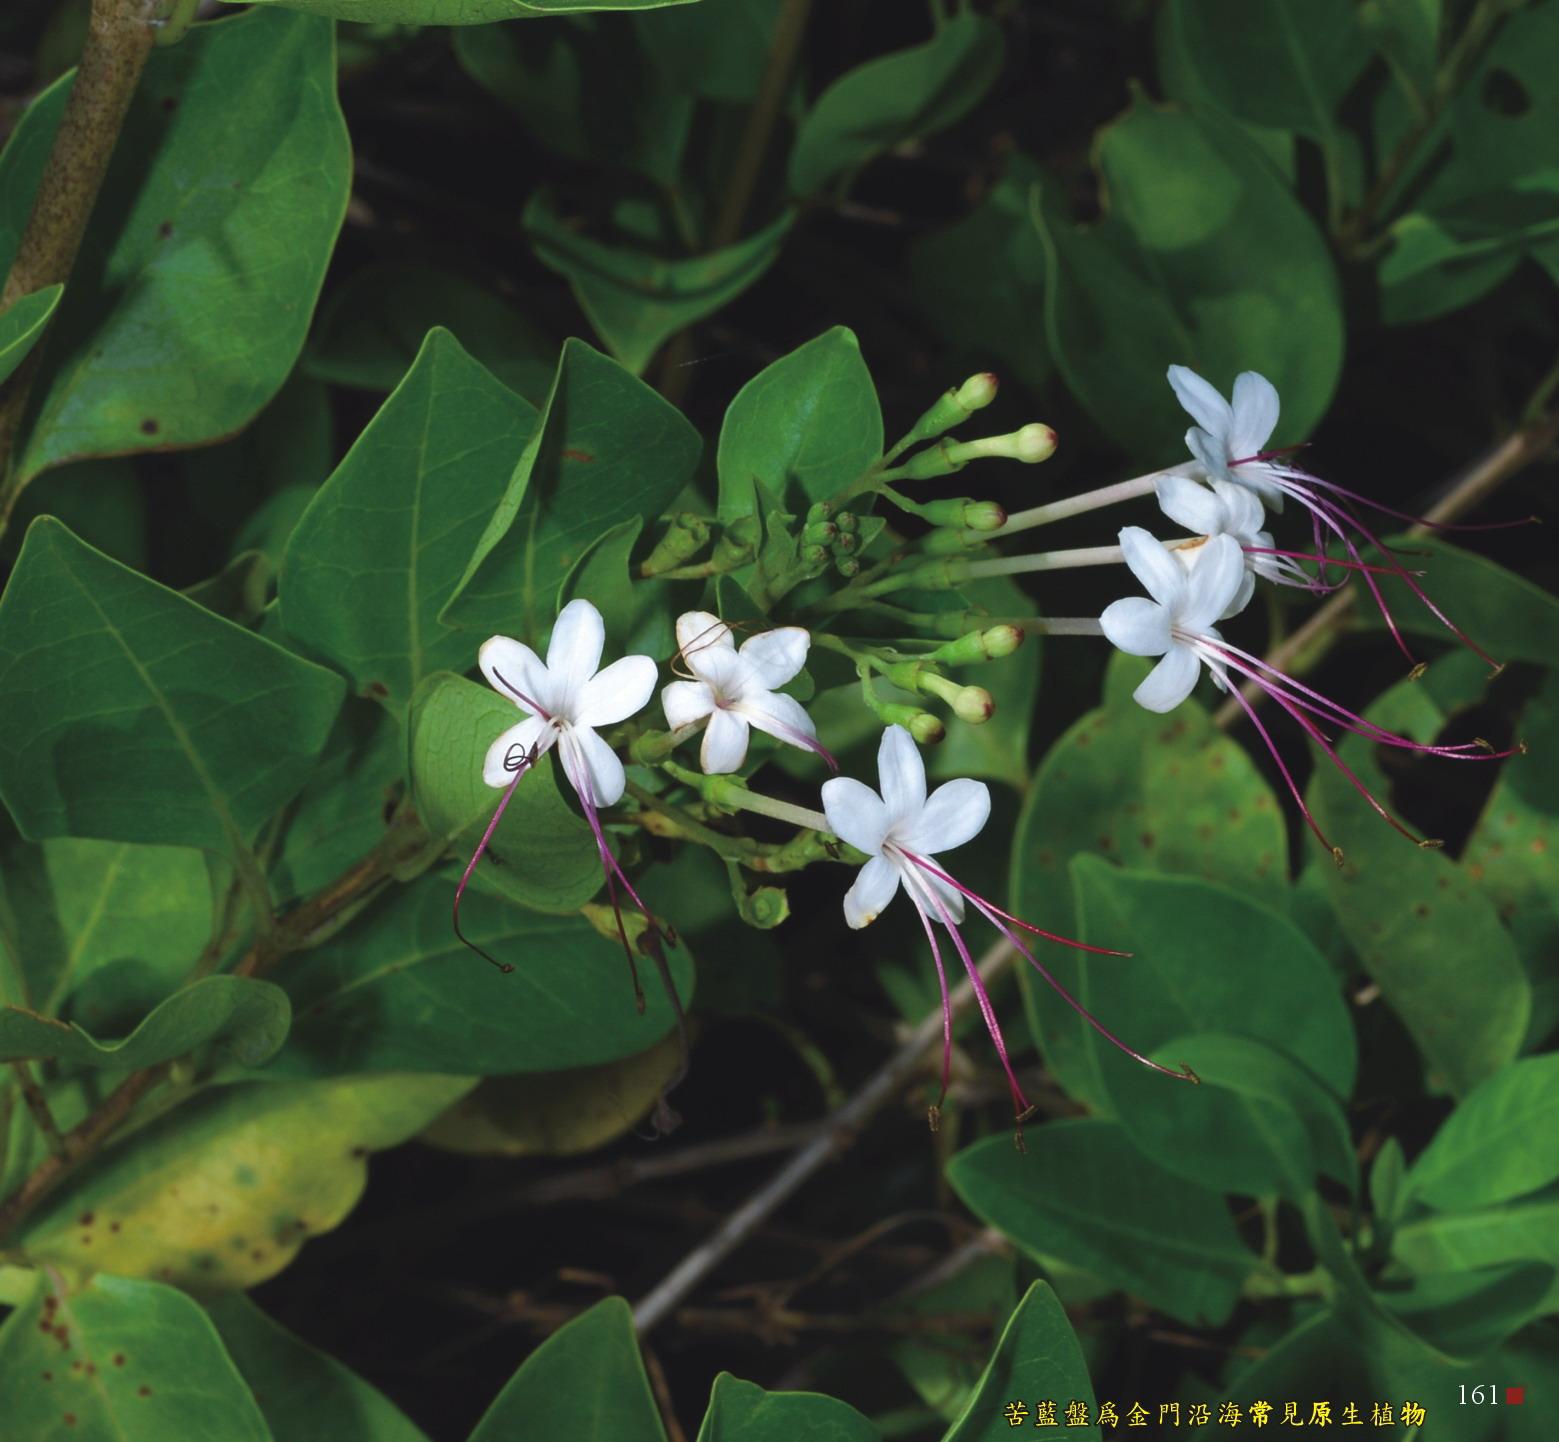 苦藍盤為金門沿海常見原生植物